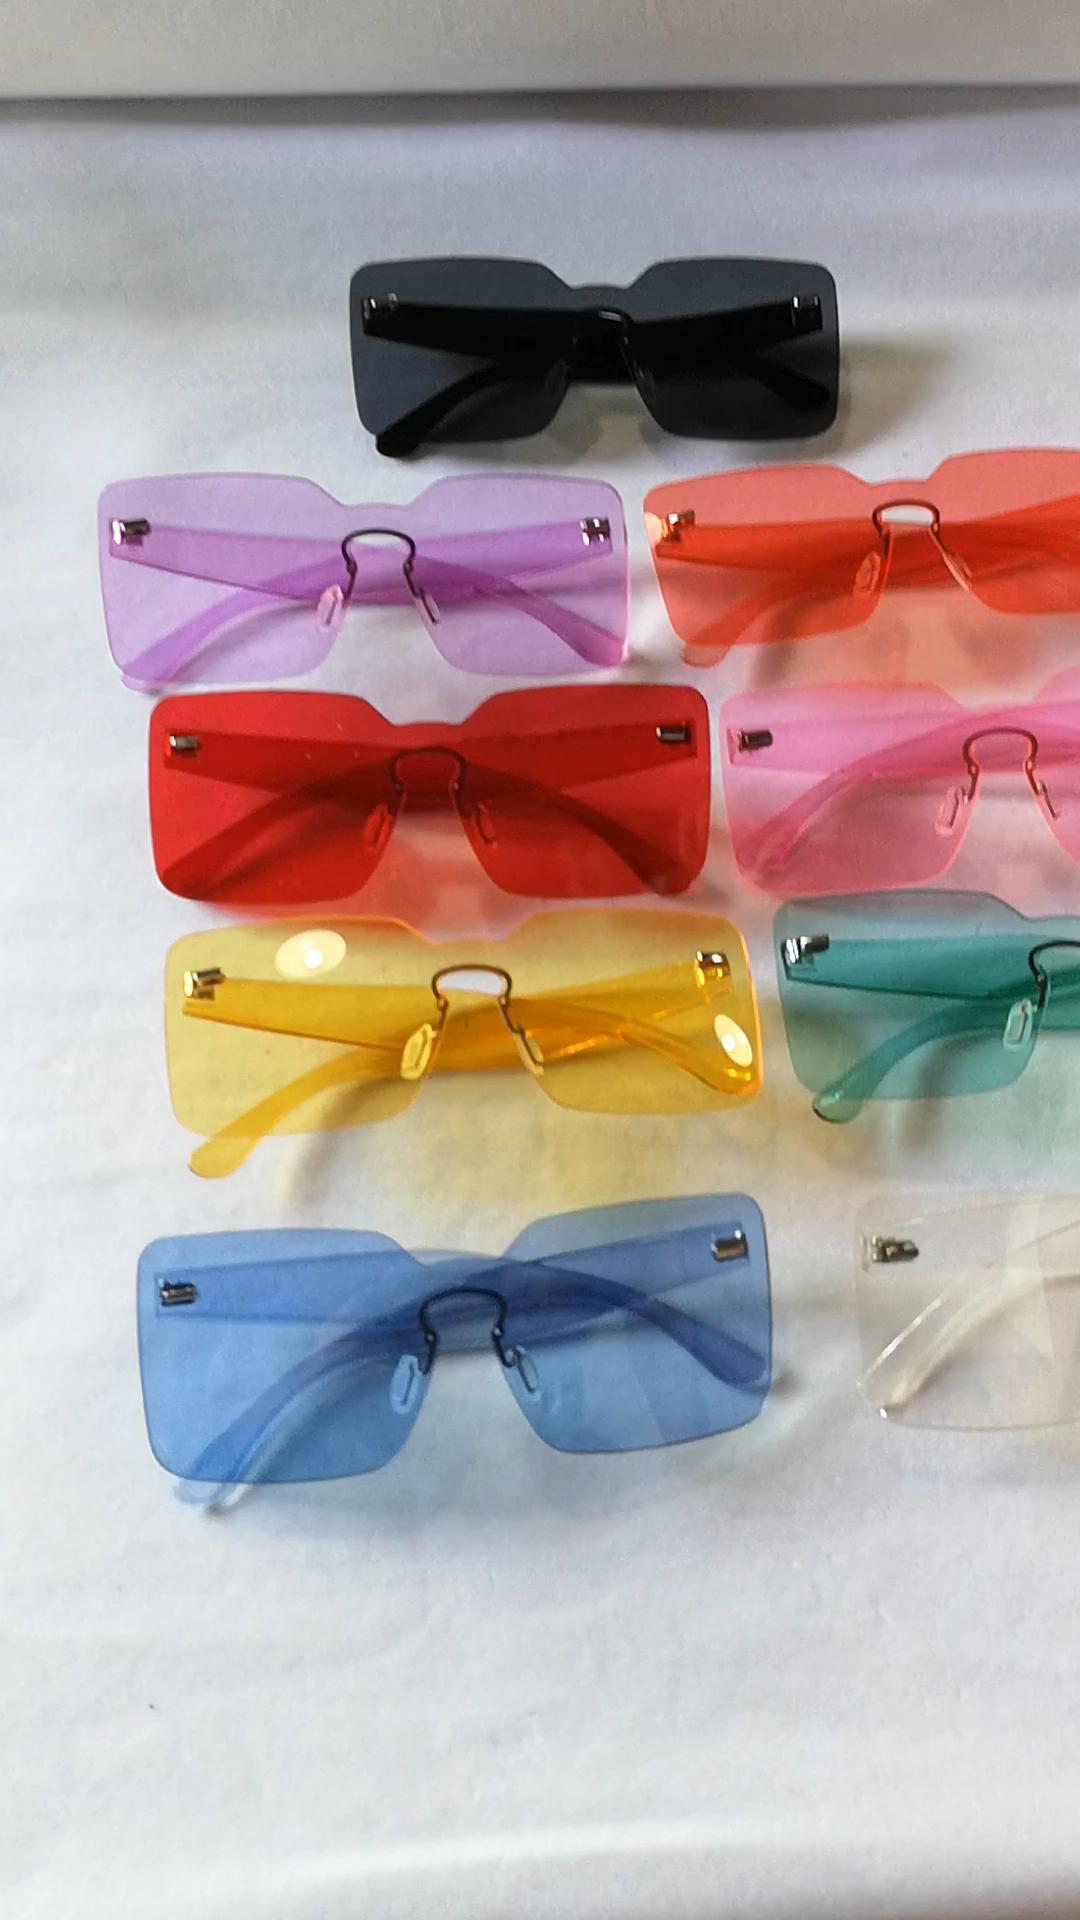 Nuovo di Vendita Caldo di Modo Delle Donne di Grandi Dimensioni Occhiali Da Sole di Colori Della Caramella Senza Montatura Occhiali Da Sole Quadrati 2019